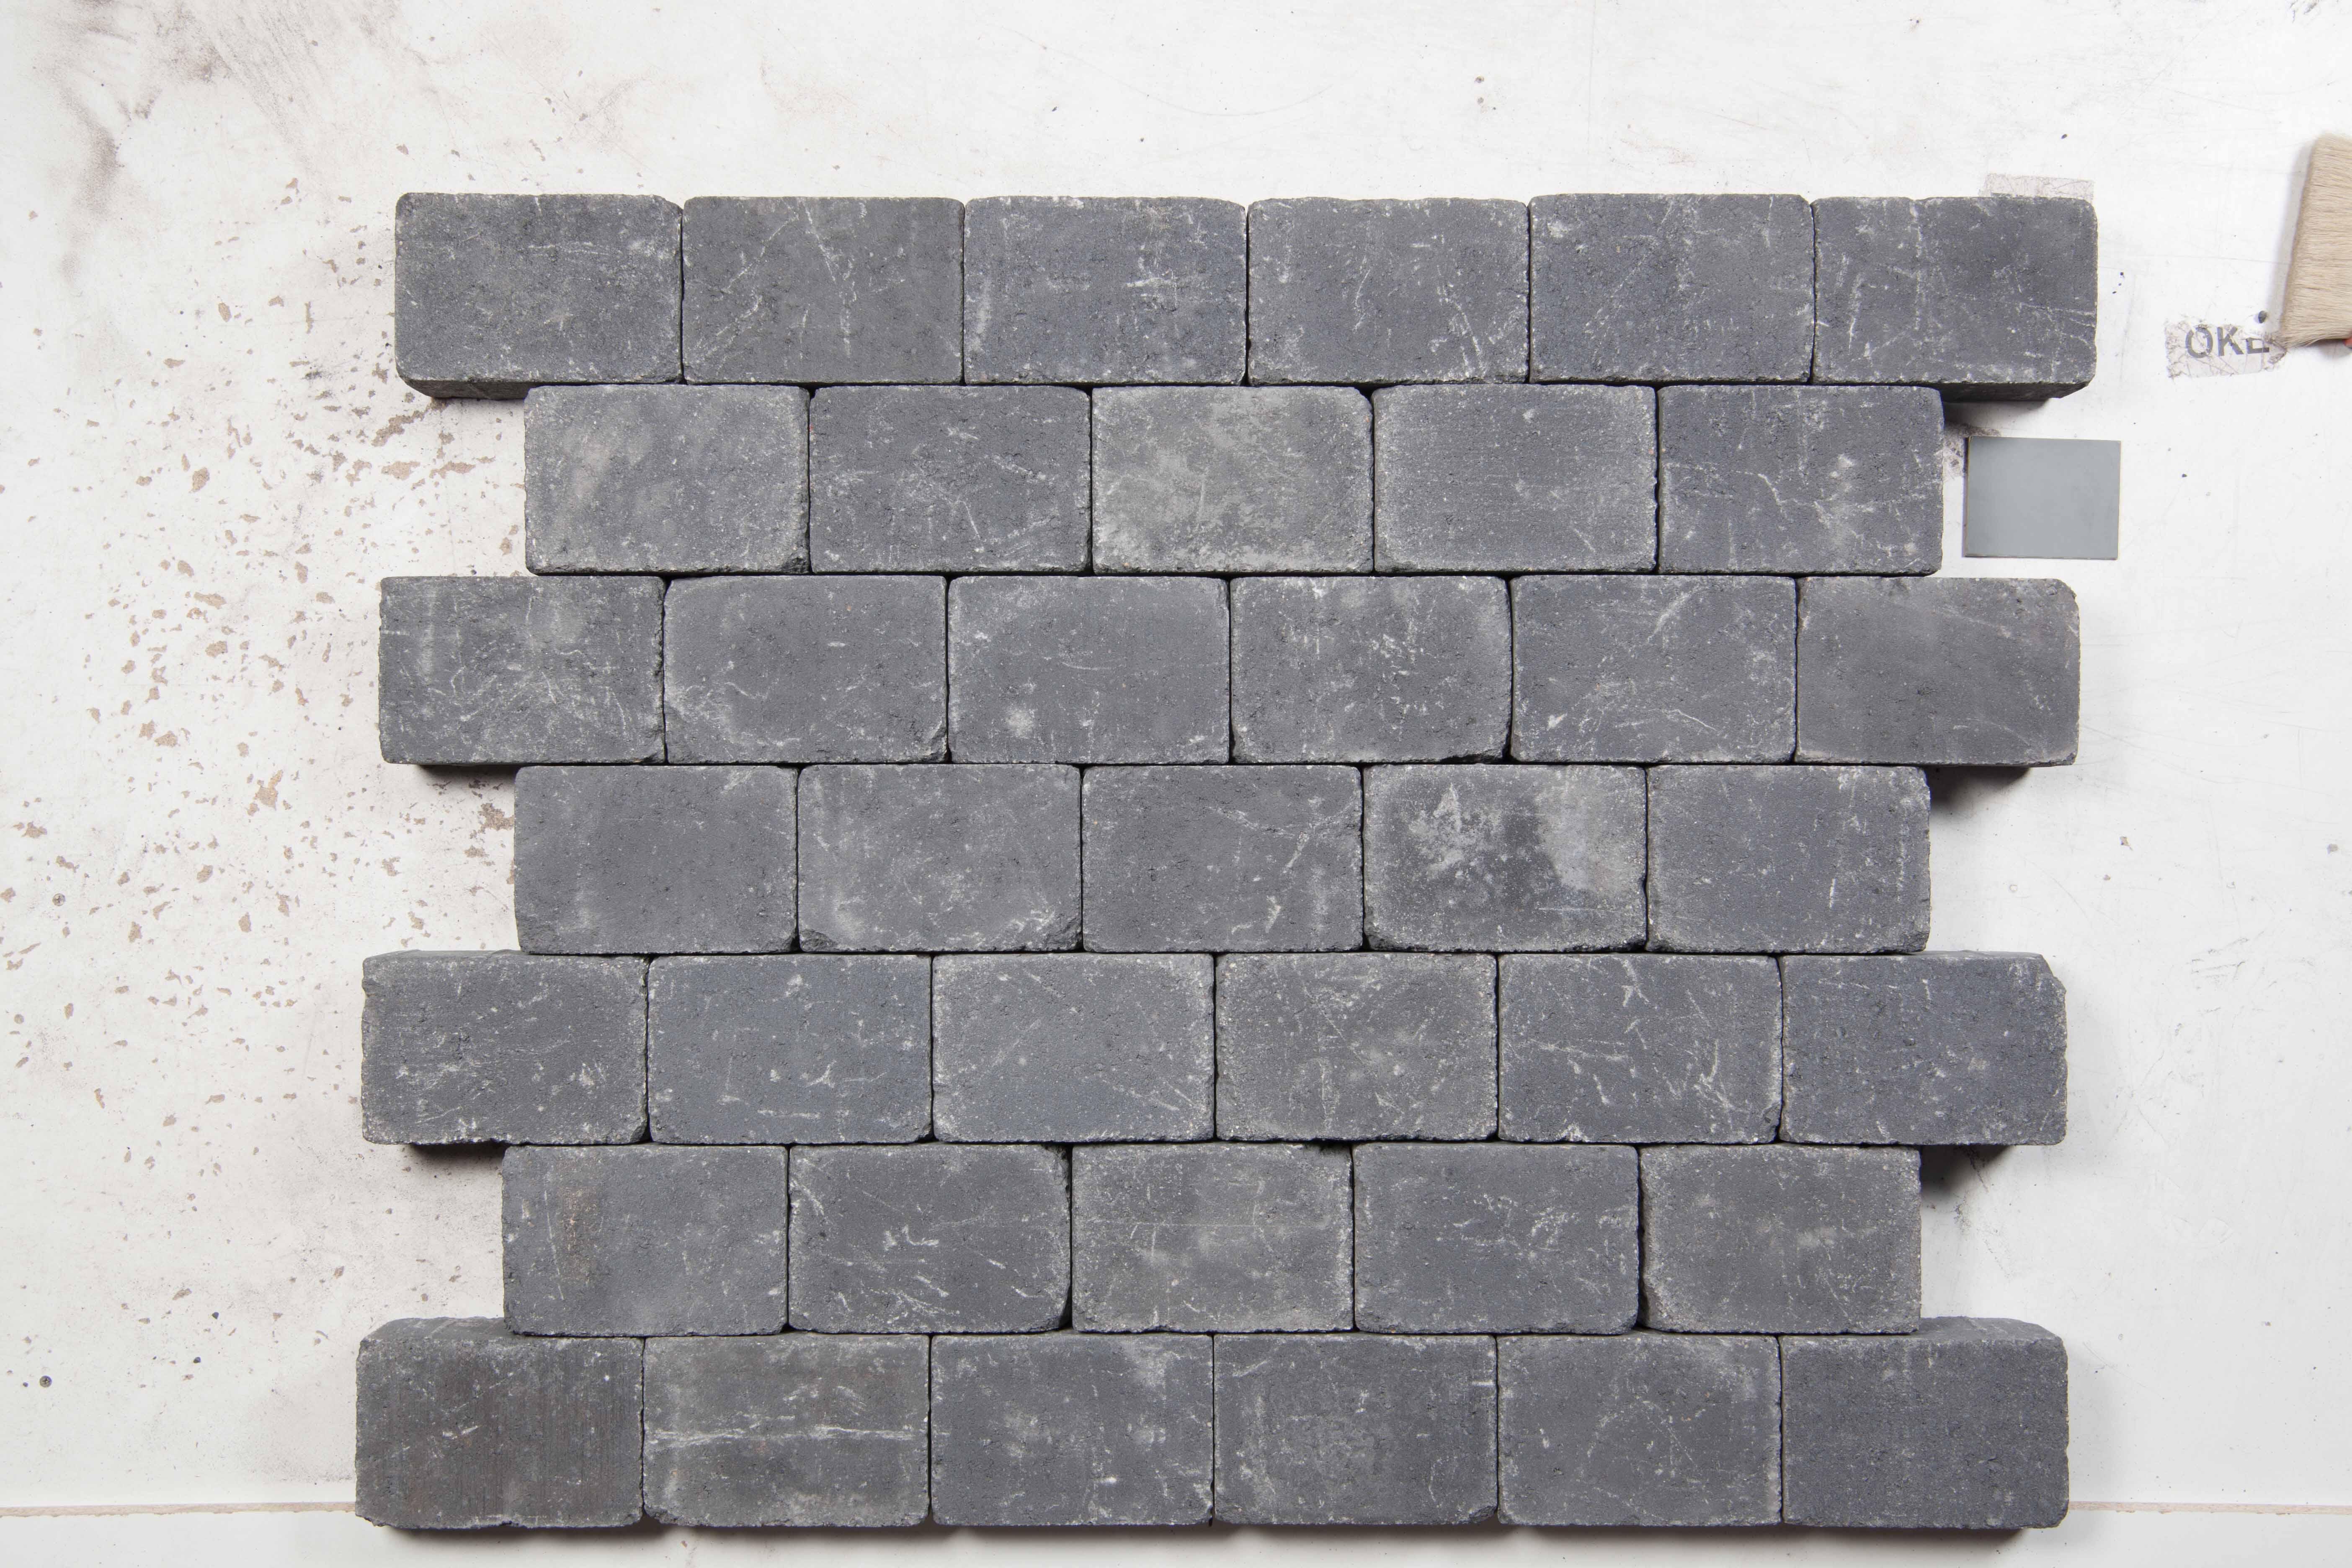 Redsun | Tumbelton 15x15x8 | Coal